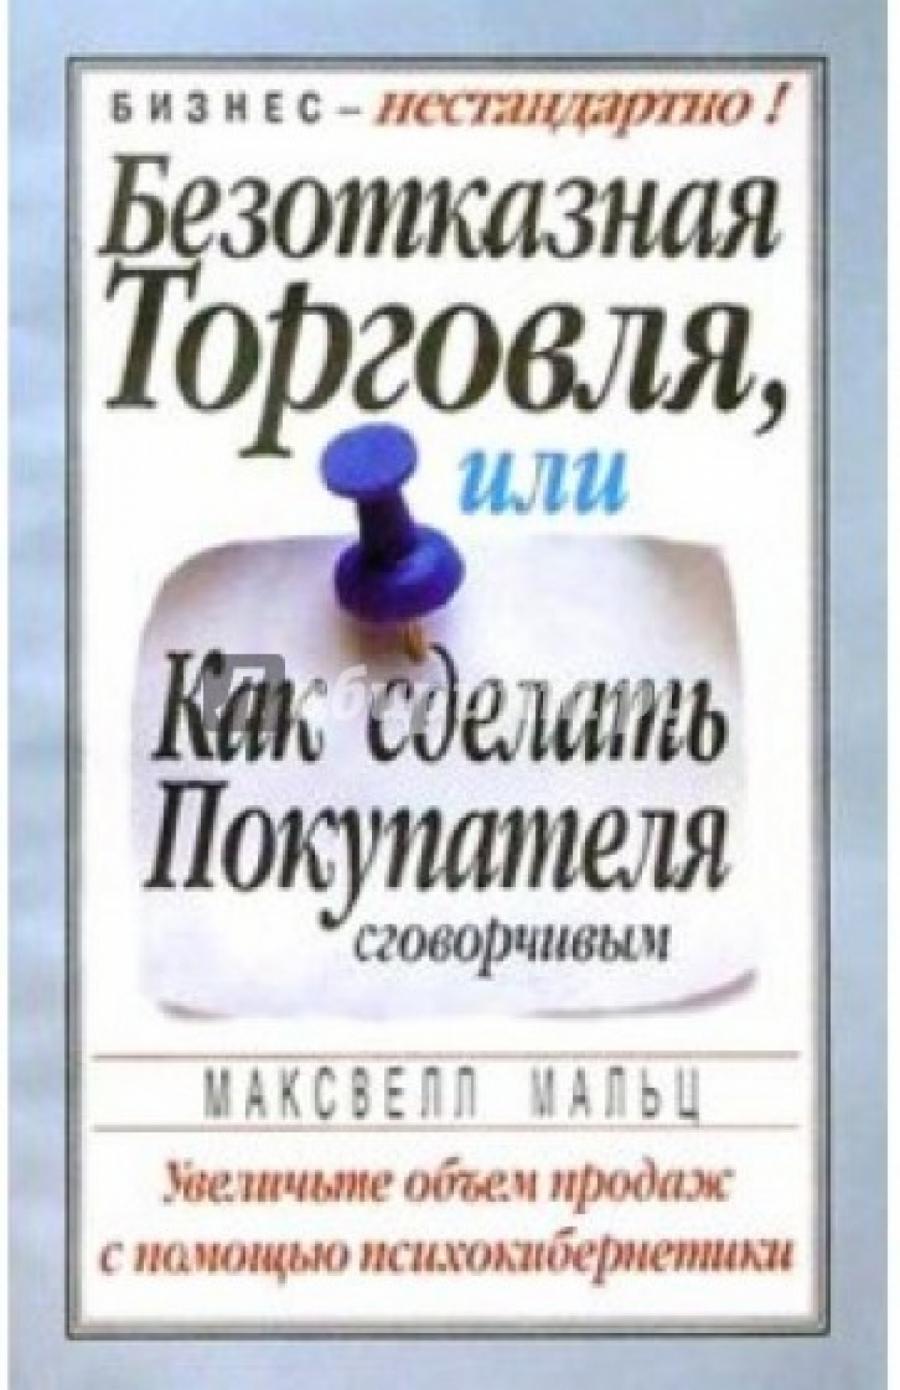 Обложка книги:  бизнес - нестандартно! - максвелл мальц - безотказная торговля.